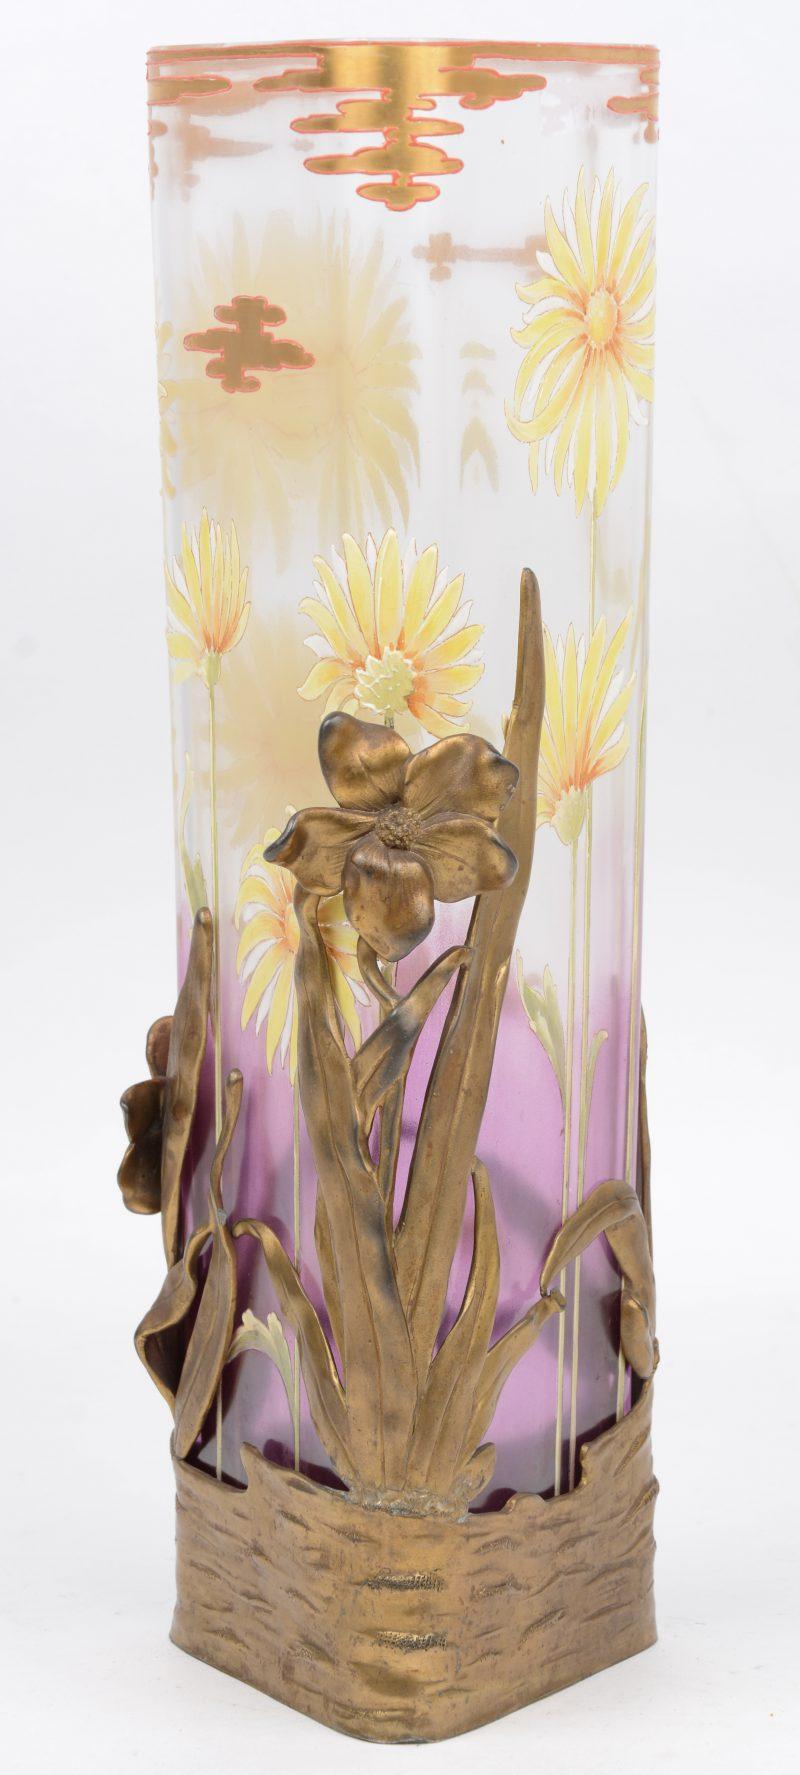 Een driehoekige glazen vaas met een meerkleurig bloemendecor en in messingen montuur. Tijdperk art nouveau. Het montuur gemerkt 'Vanhauten'.